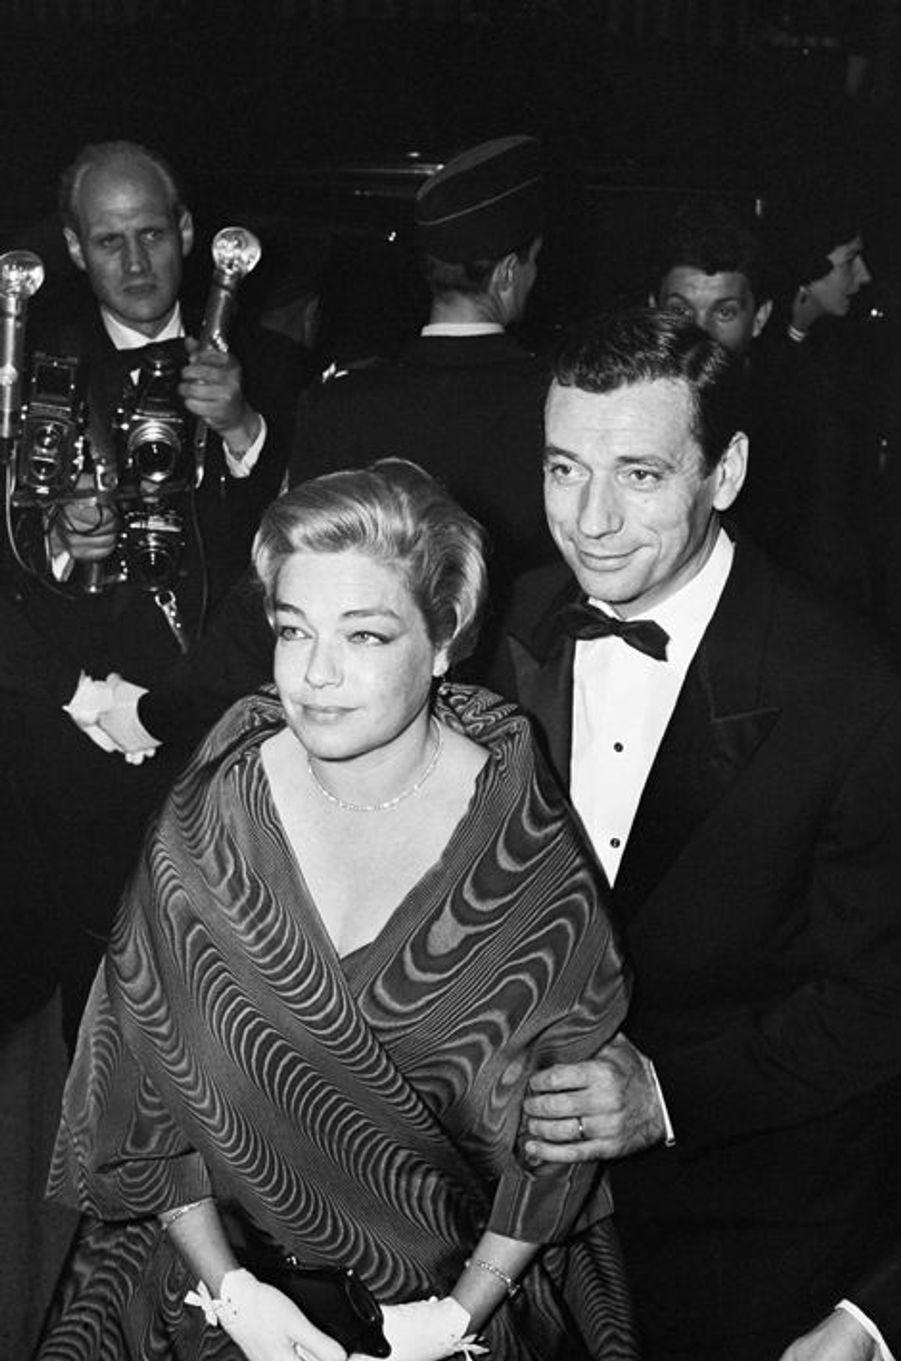 C'est un véritable coup de foudre qui pousse les deux acteurs à quitter leurs conjoints respectifs, le réalisateur Yves Allégret et Edith Piaf, à l'été 1949. Simone Signoret épouse alors Yves Montand deux ans plus tard avant de s'installer en Normandie dans une demeure qui deviendra un lieu de rencontres privilégiées pour de nombreux artistes, tels que Simone de Beauvoir, Sartre ou encore Serge Reggiani. Chacun mène une brillante carrière et malgré la relation qu'entretien l'acteur avec Marilyn Monroe en 1961, le couple restera uni jusqu'au décès de la première française oscarisée en 1985.